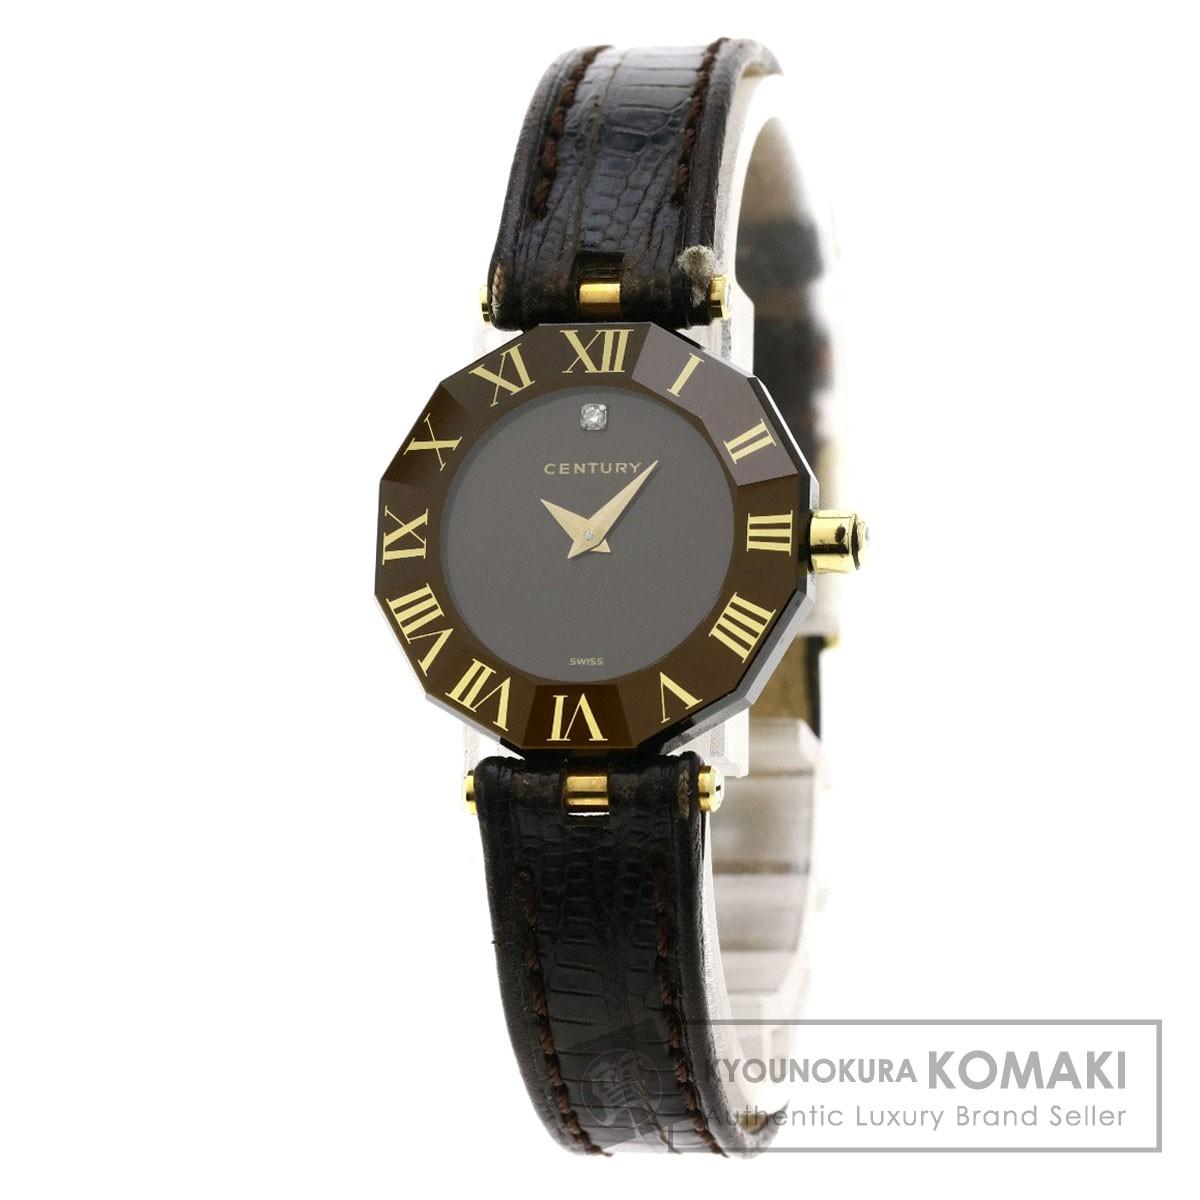 CENTURY プライムタイム 1Pダイヤモンド 腕時計 ステンレススチール/革 レディース 【中古】【センチュリー】